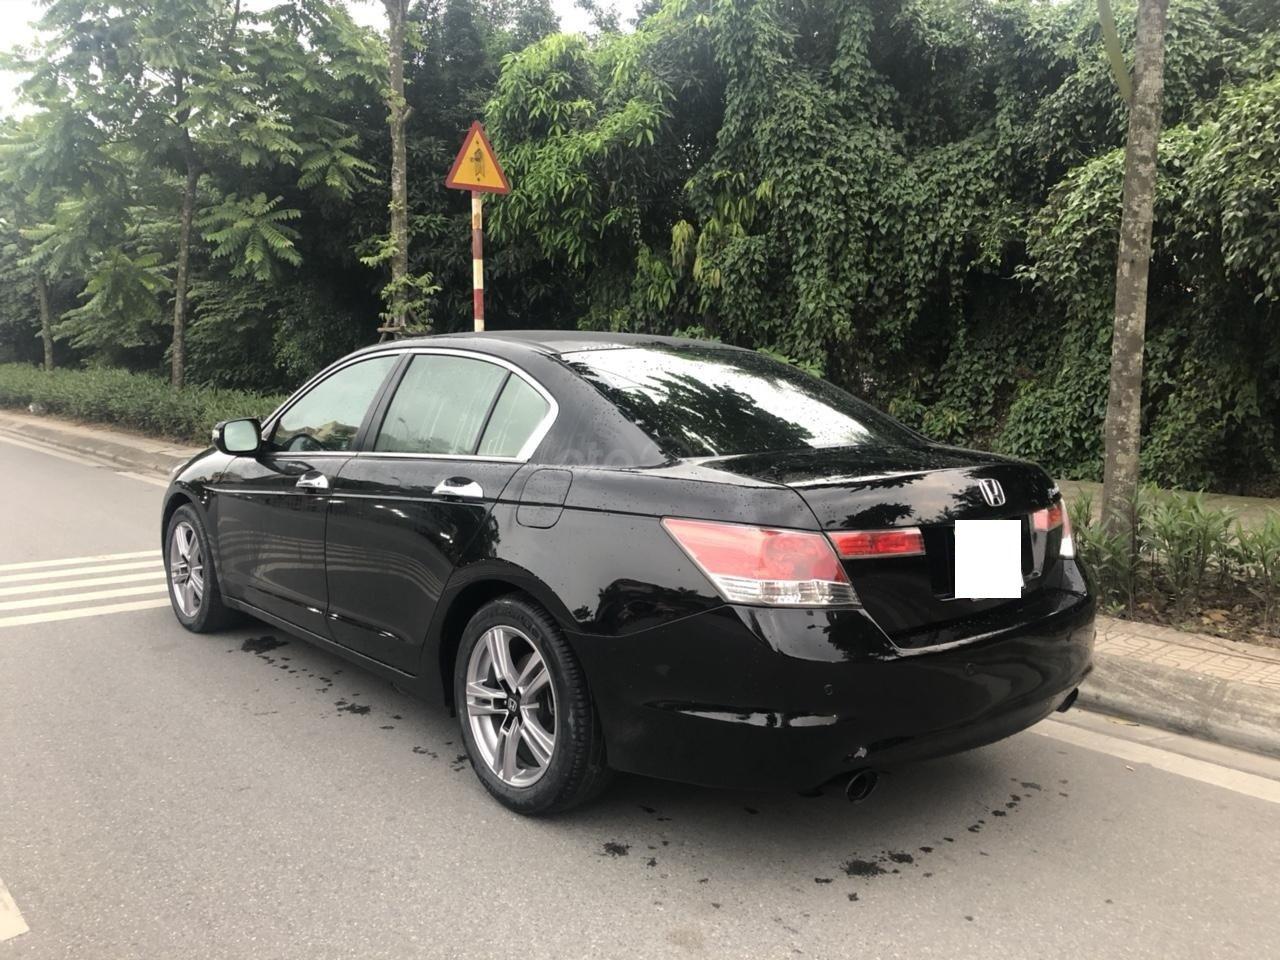 Bán ô tô Honda Accord 2.0 năm sản xuất 2010, màu đen, nhập khẩu nguyên chiếc (1)